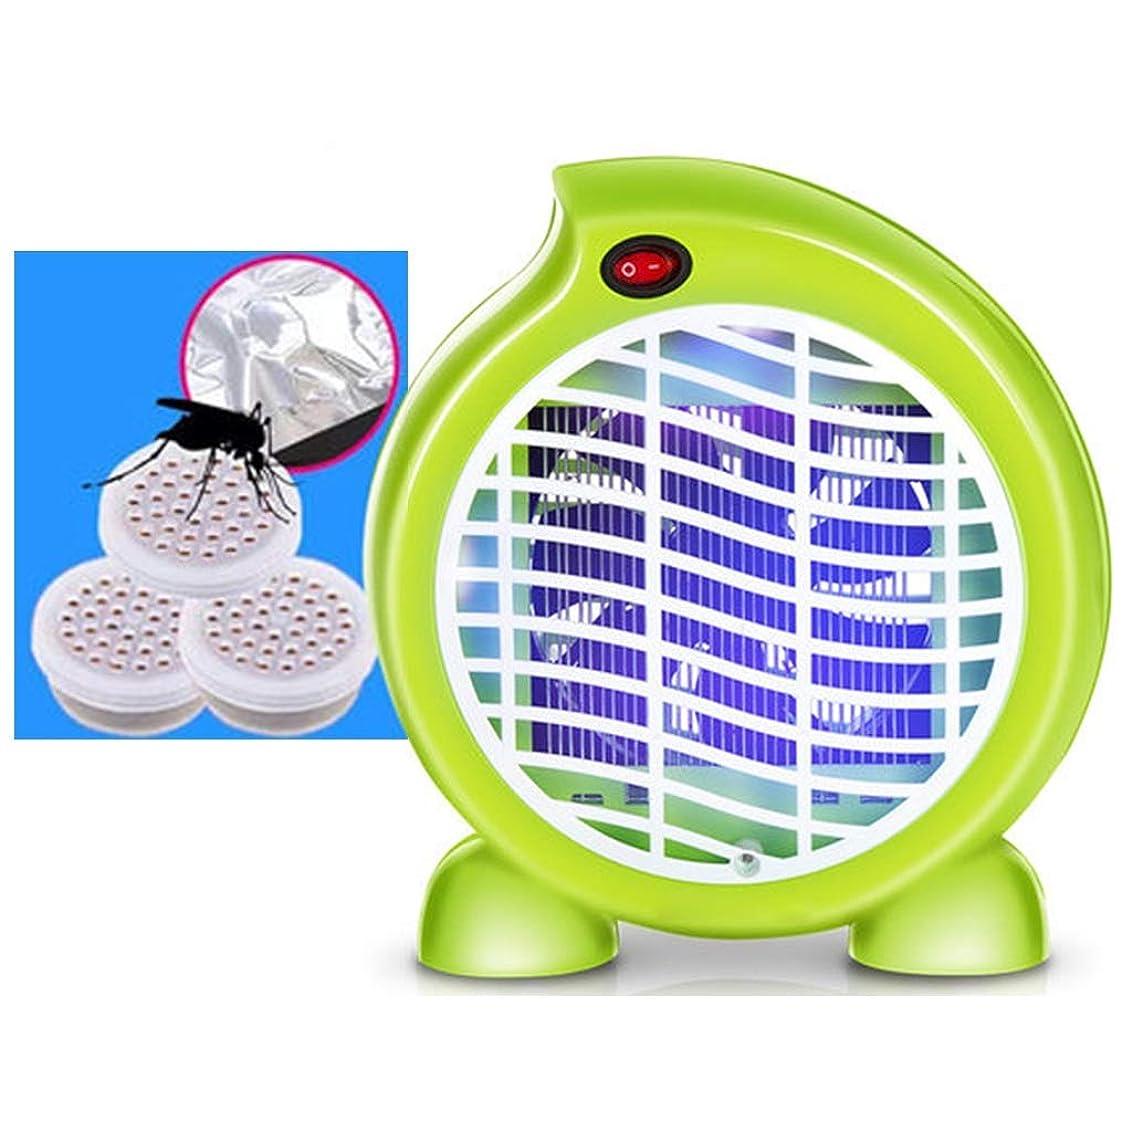 過敏な慎重にアクチュエータ家庭用蚊キラー、寝室の素敵な電気ショックに適した静かなミュートランプライト屋内昆虫忌避剤 (Size : 3 mosquito attractant)